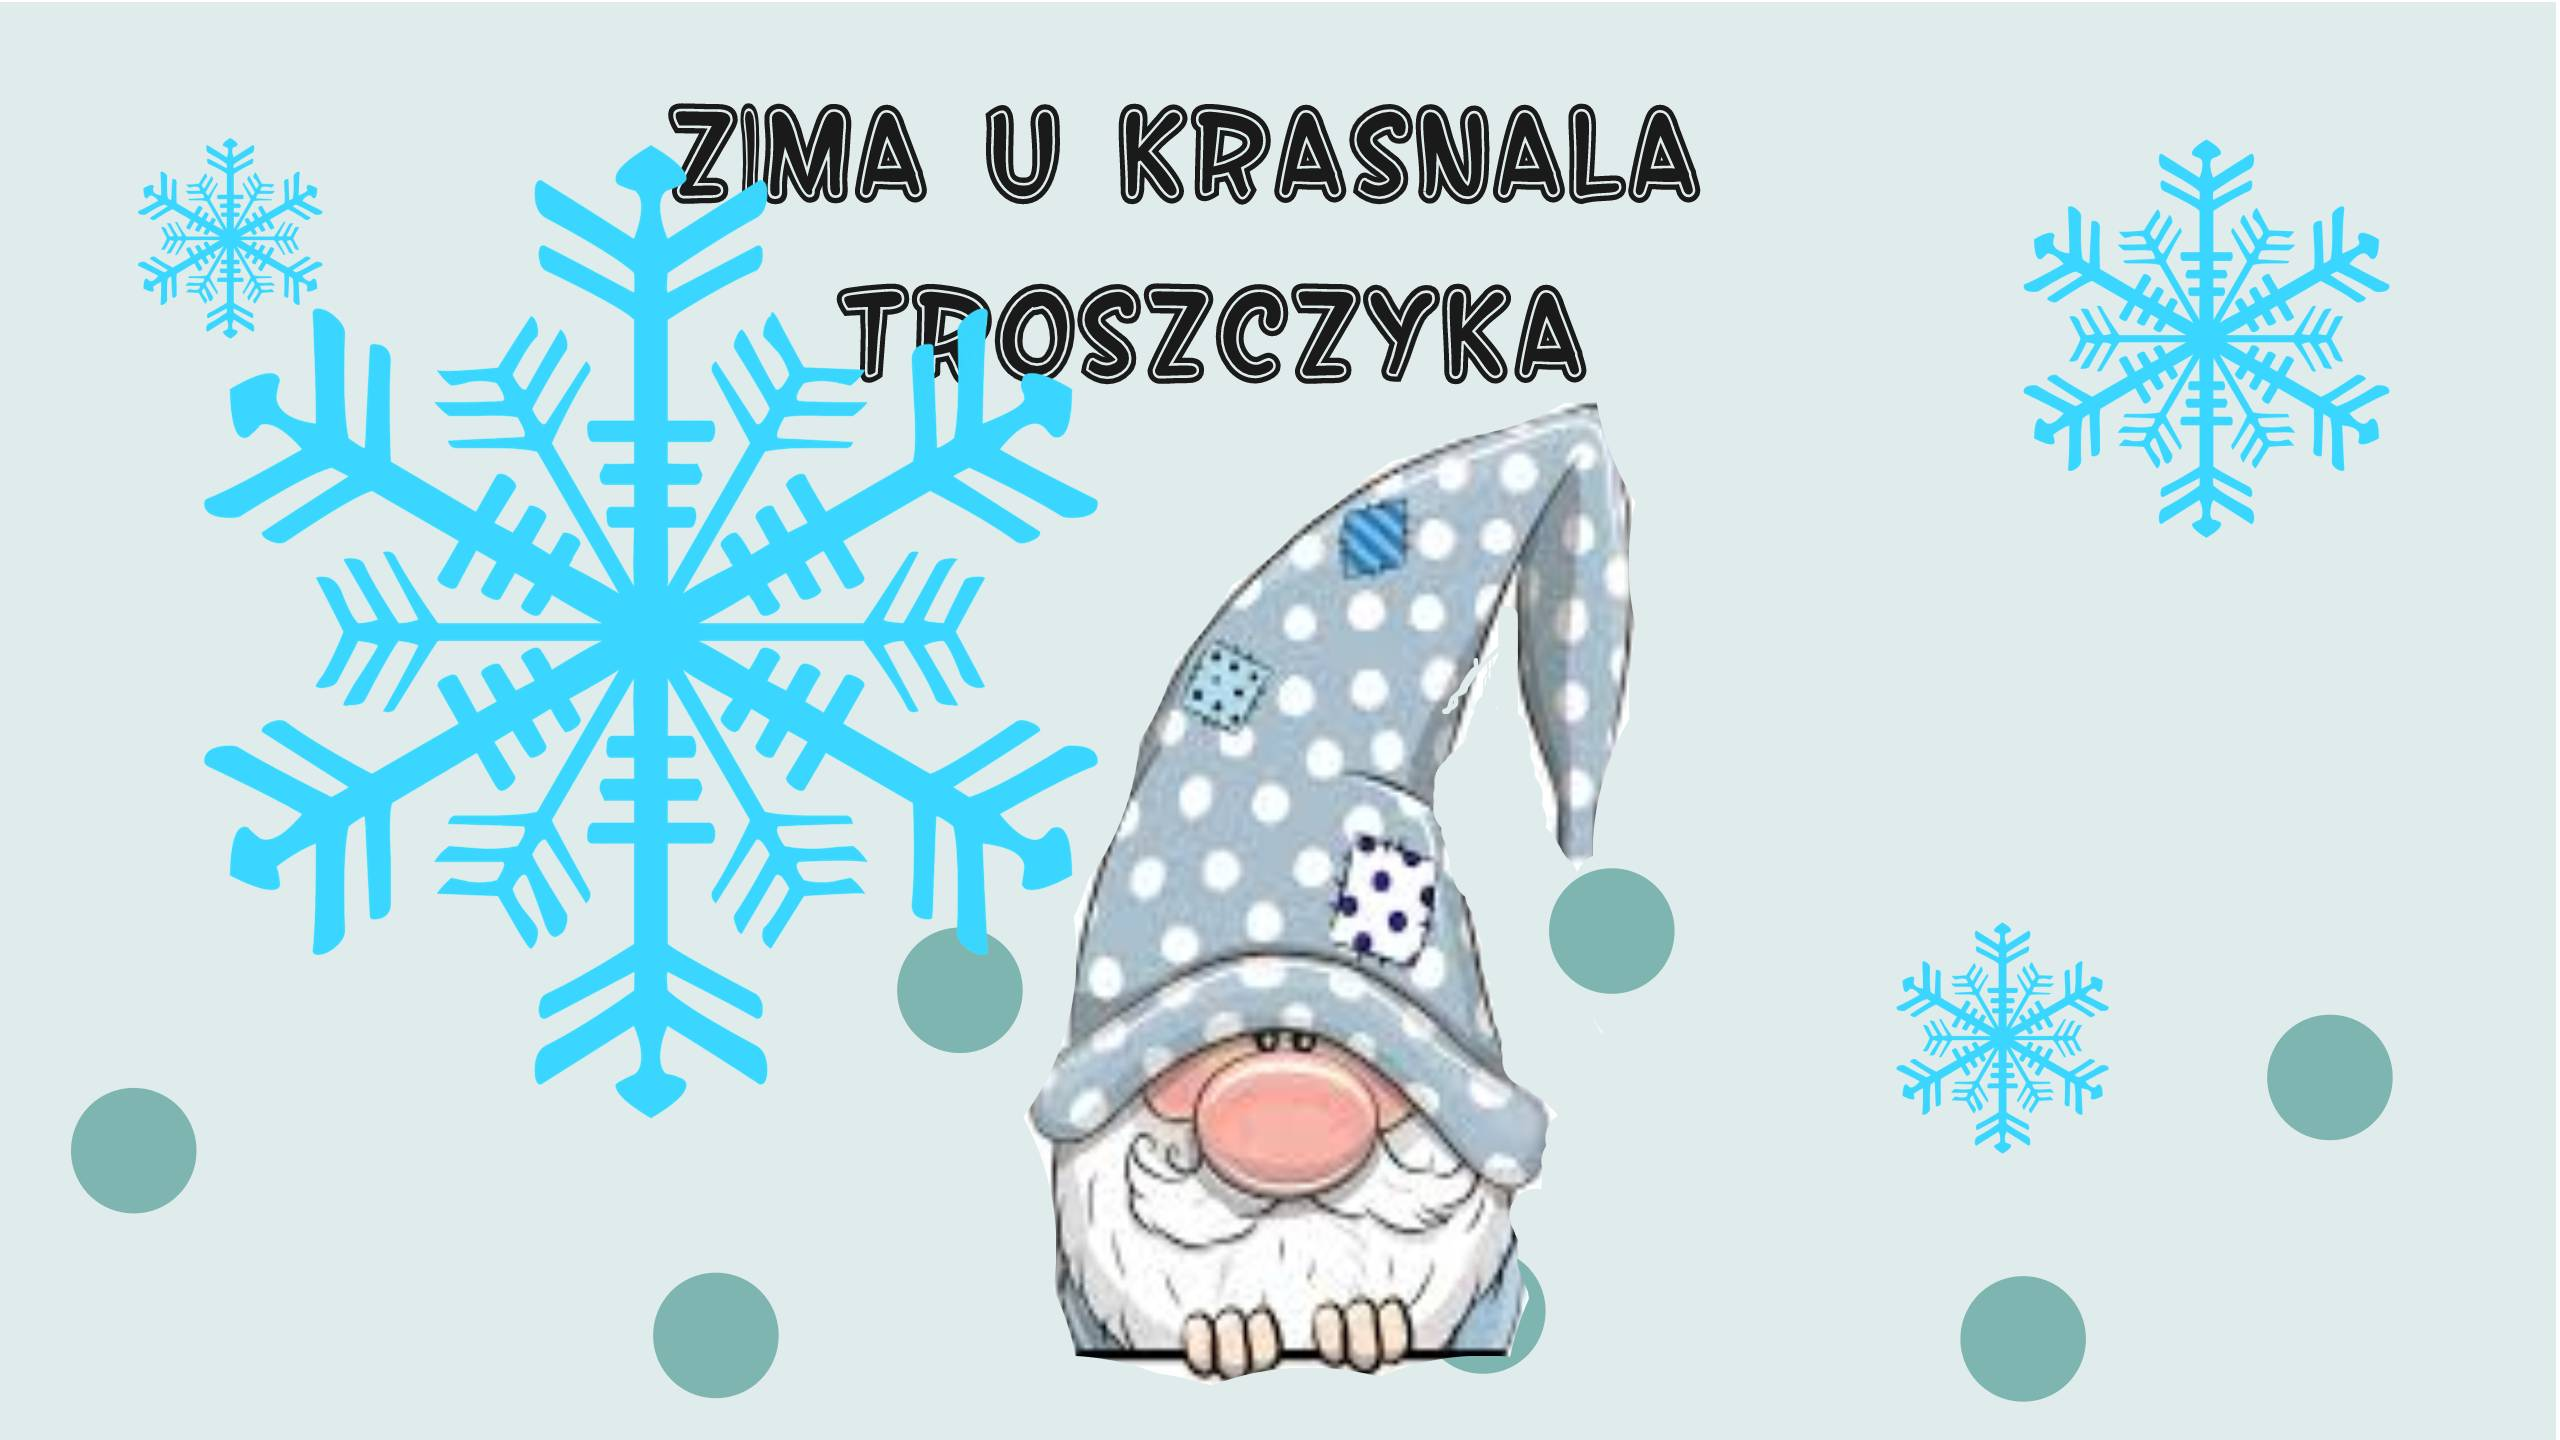 Logo informacyjne przedstawienia Zima u krasnala Troszczyka